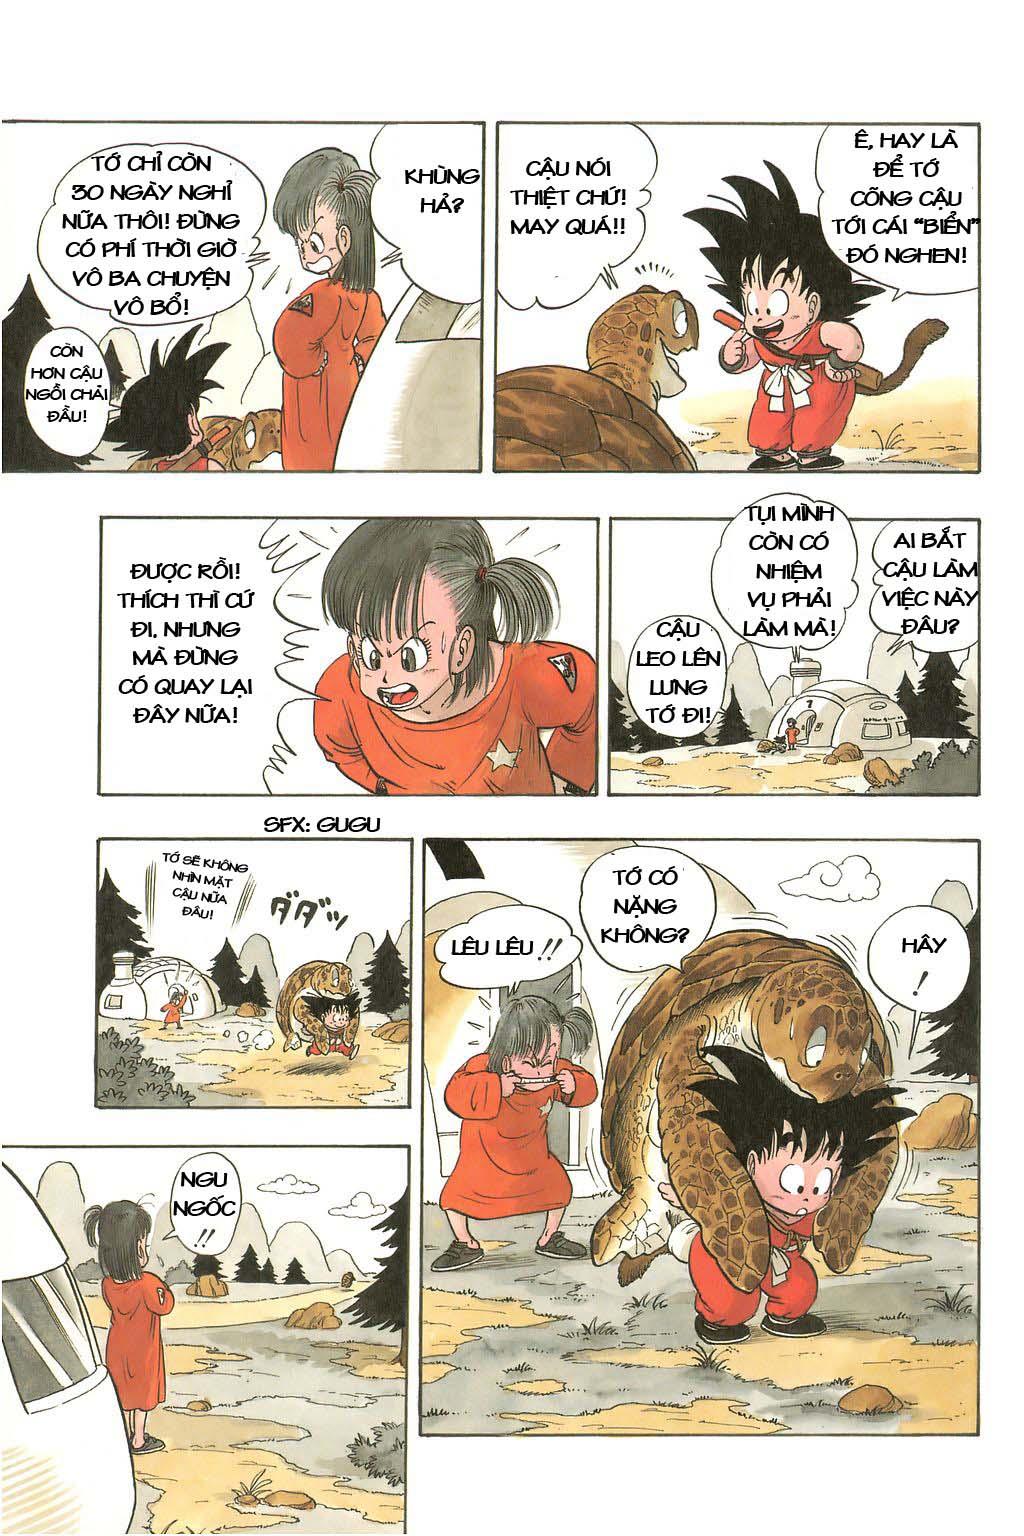 xem truyen moi - Dragon Ball Bản Vip - Bản Đẹp Nguyên Gốc Chap 3